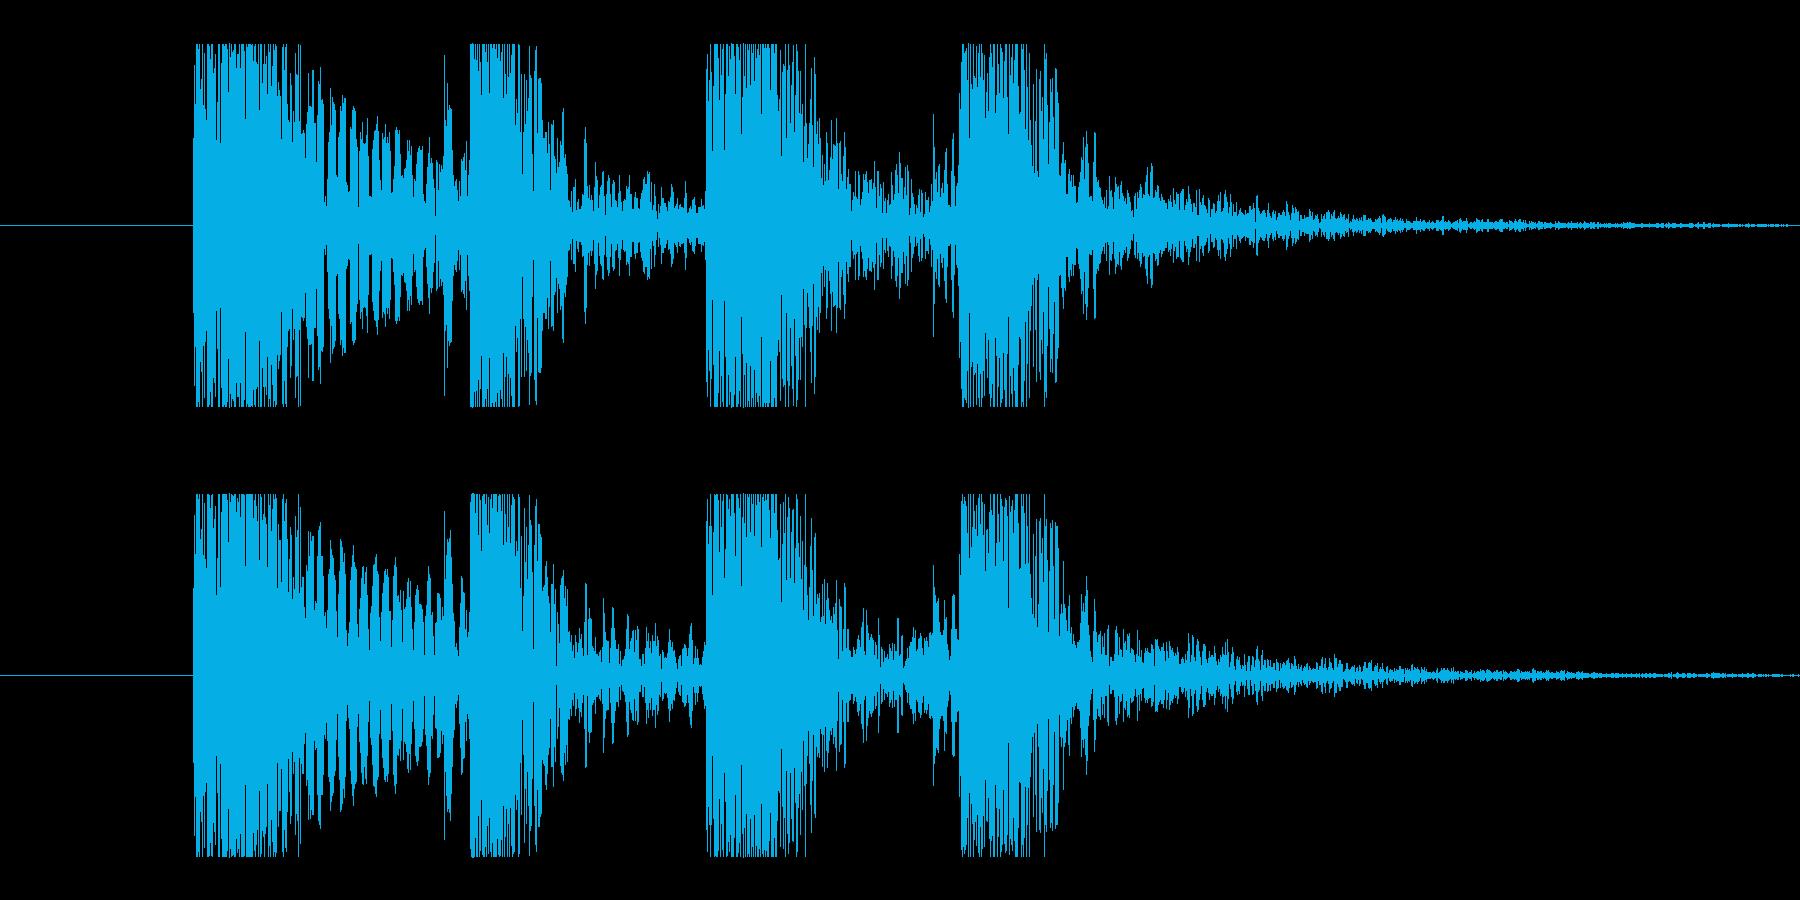 カカカカッ。Eギター、カッティング音の再生済みの波形